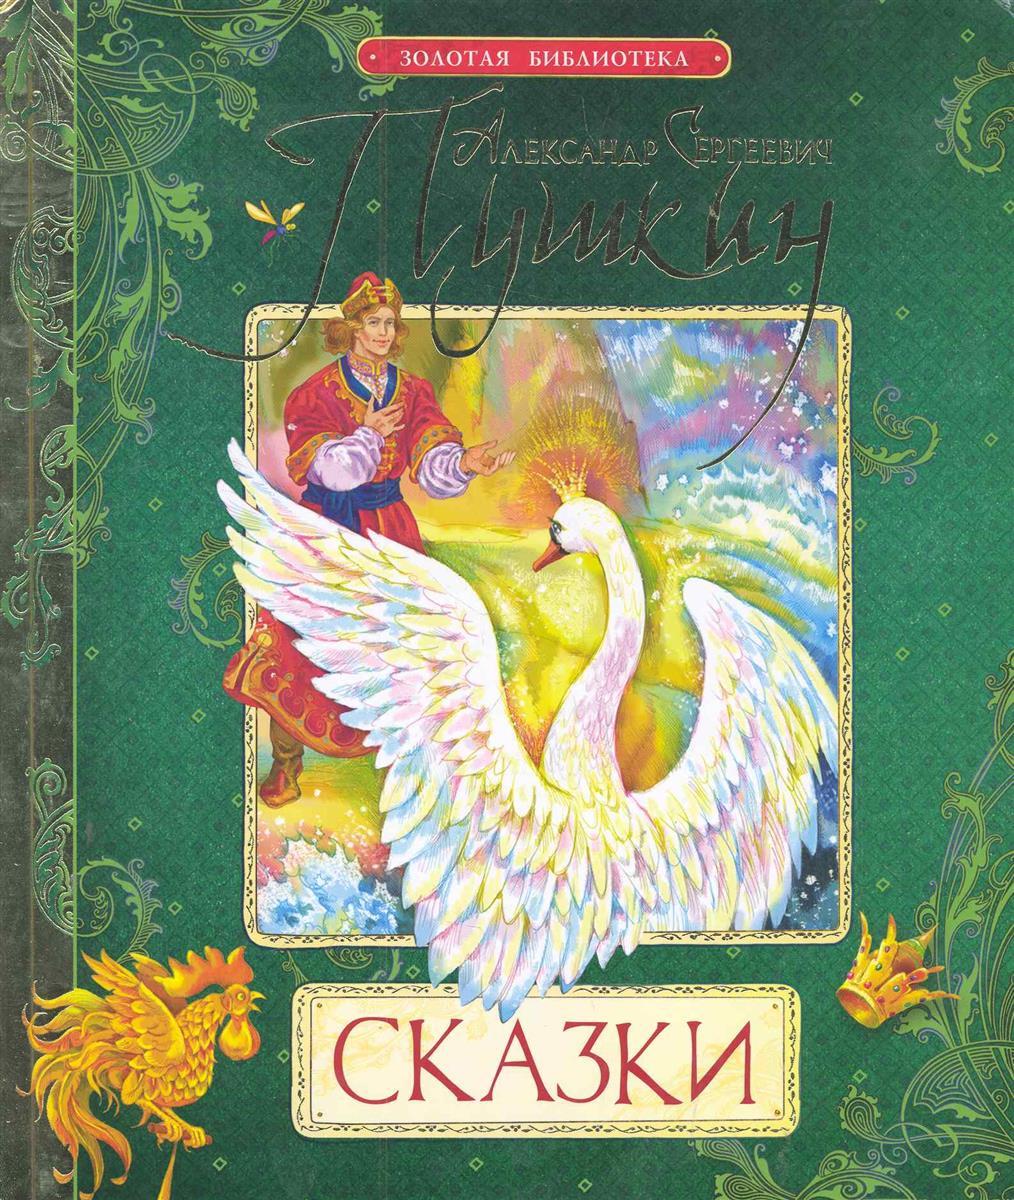 Пушкин А. Пушкин Сказки ISBN: 9785353054719 а с пушкин сказки